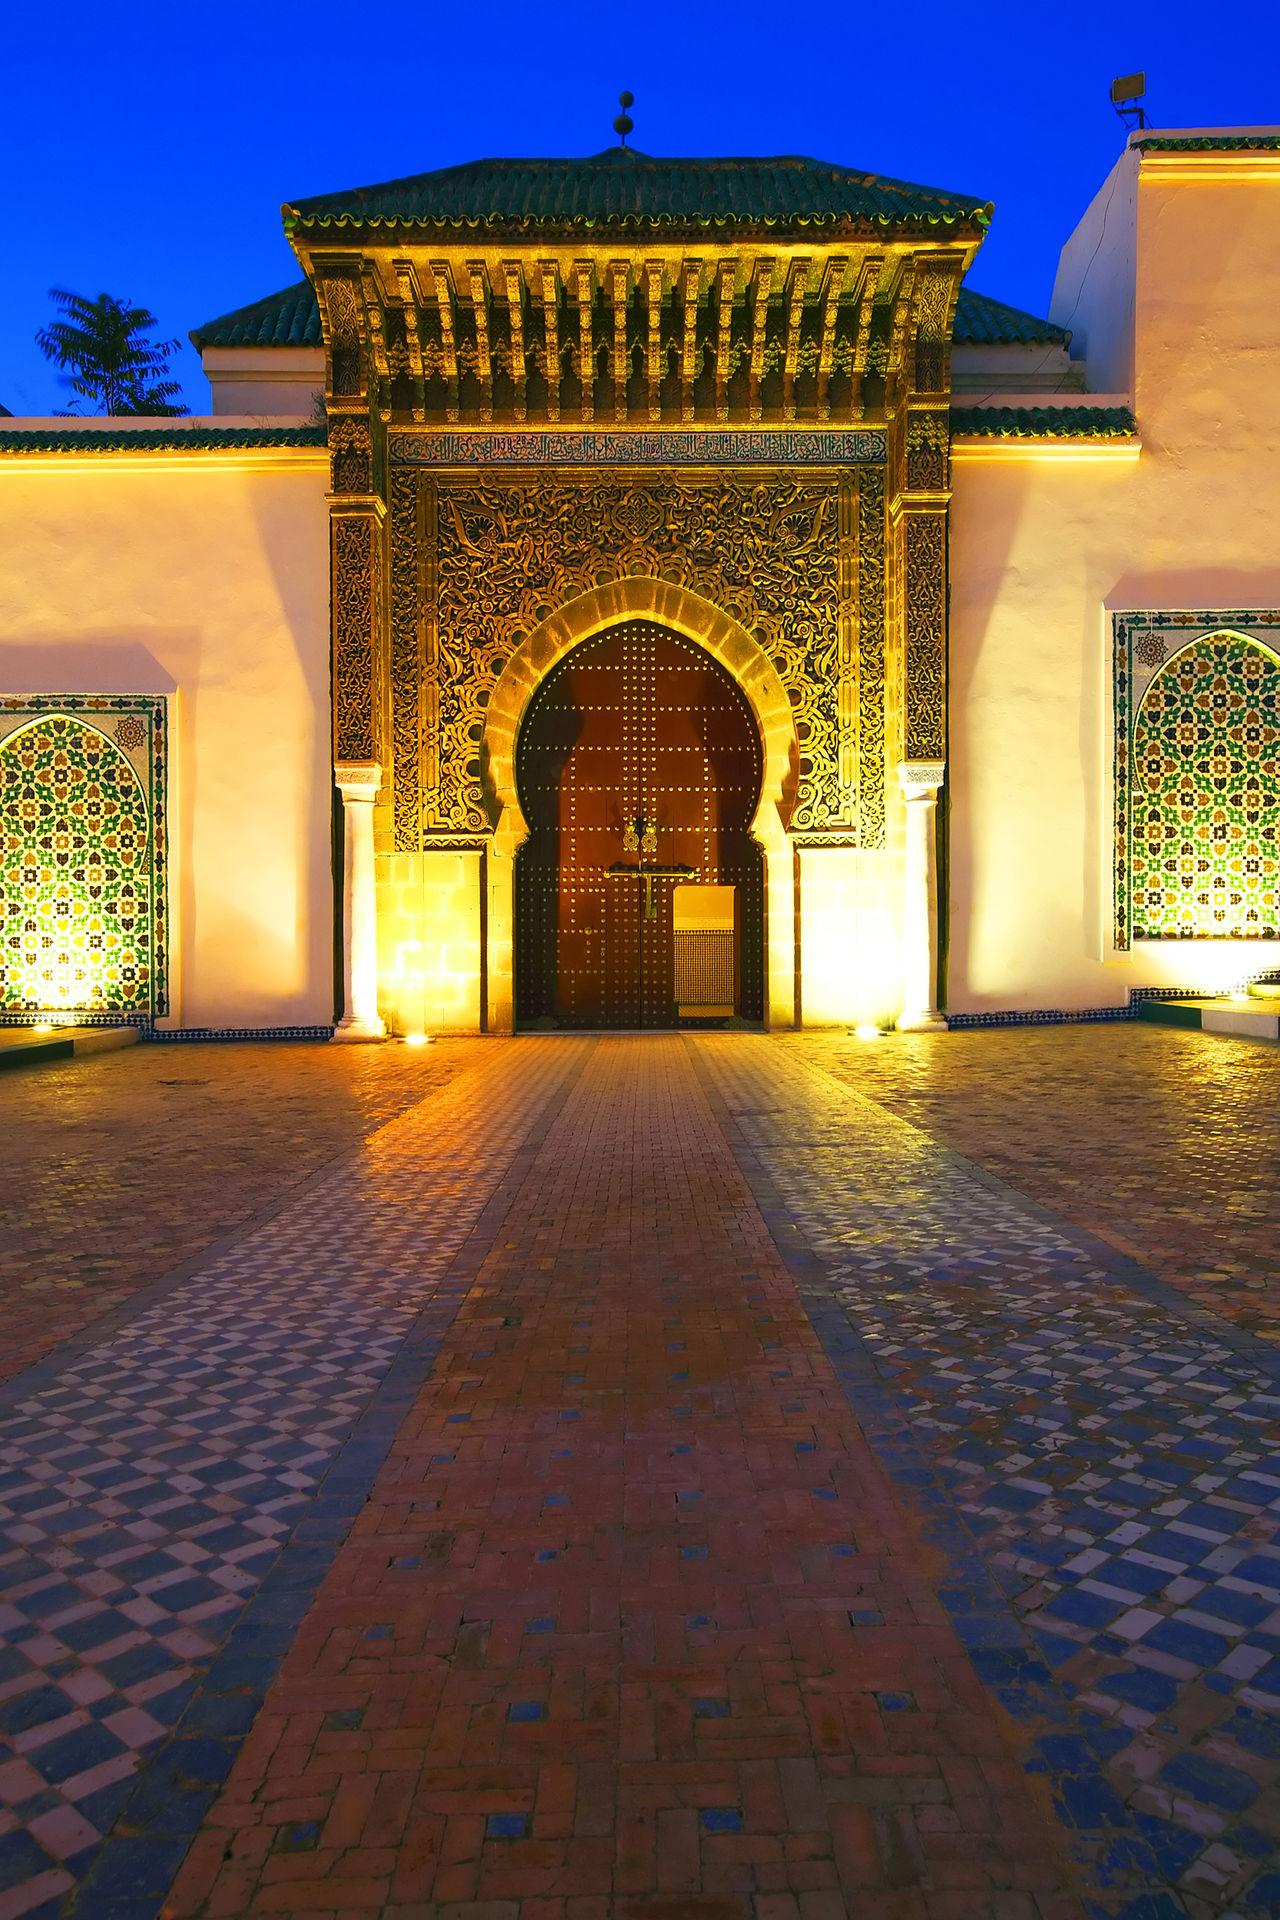 Africa Architectural Detail Architecture Architecture_collection Blue Hour Meknès Meknès City Meknès Trip Morocco Morocco Travel Morocco_travel MoroccoTrip Outdoors Travel Travel Destinations Travel Photography